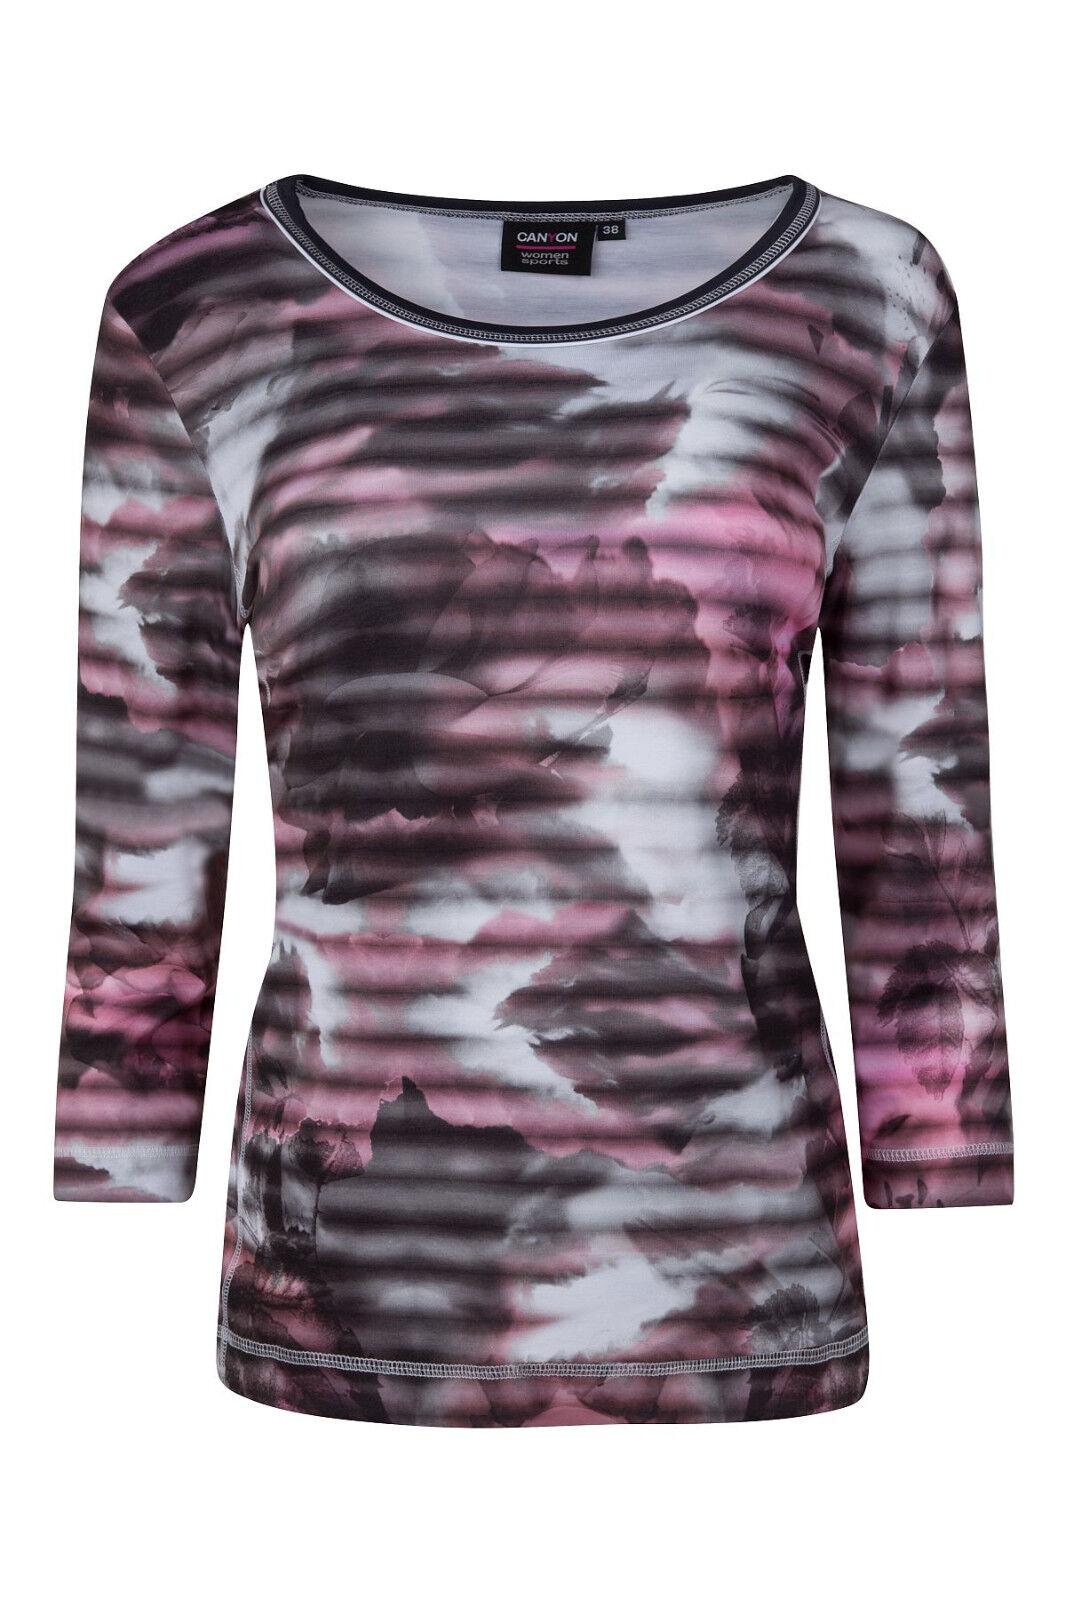 Canyon T-Shirt Rosa-grau Damenshirt 3 4 Arm Wischeffekt Print